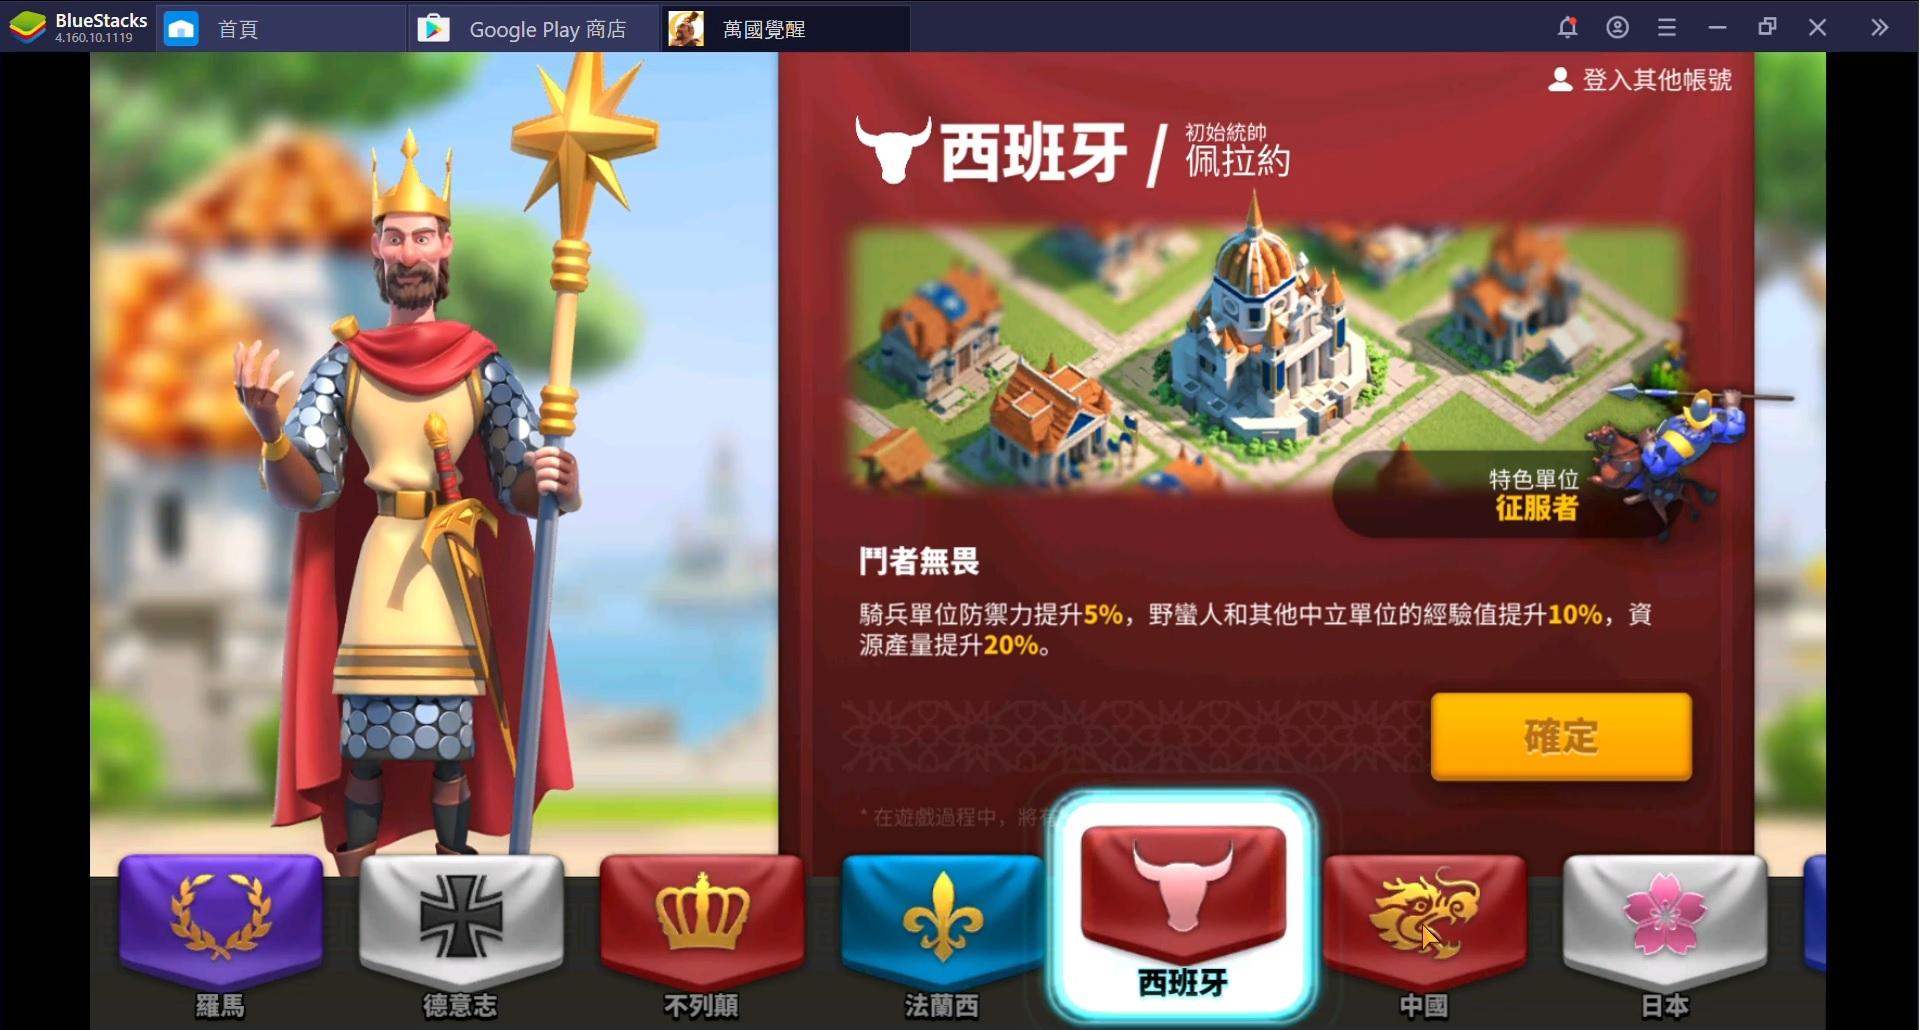 《萬國覺醒》遊玩攻略:11種文明之盤點